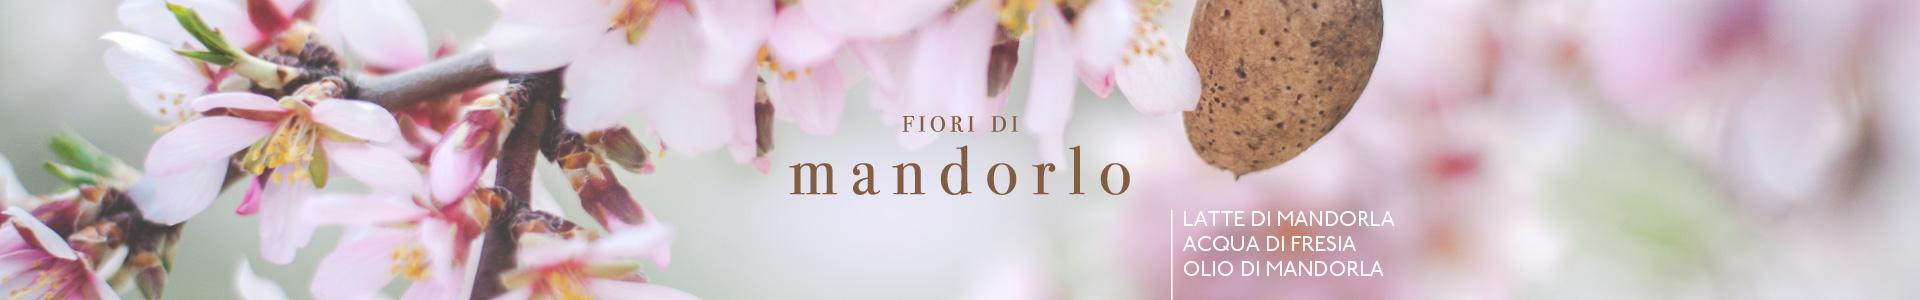 Fiori-di-Mandorlo-cover